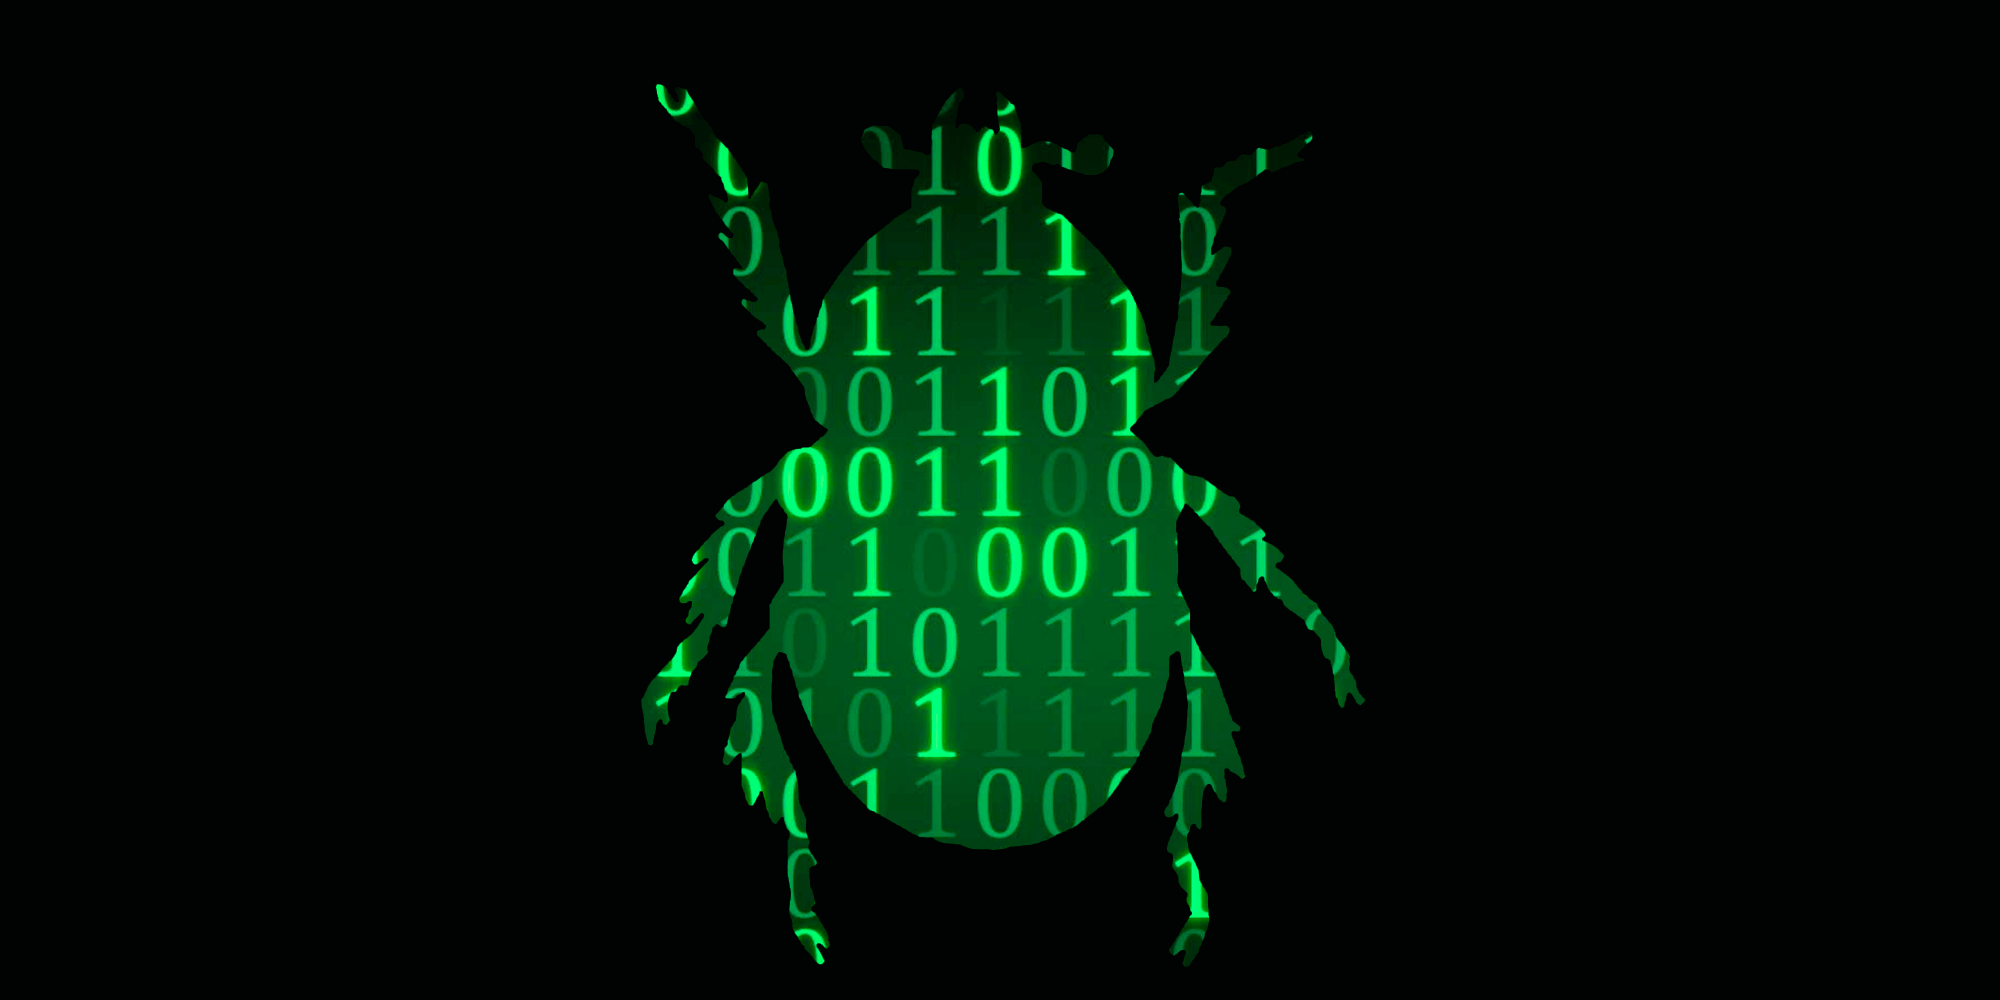 Bug O нотация: отладочная сложность программных интерфейсов